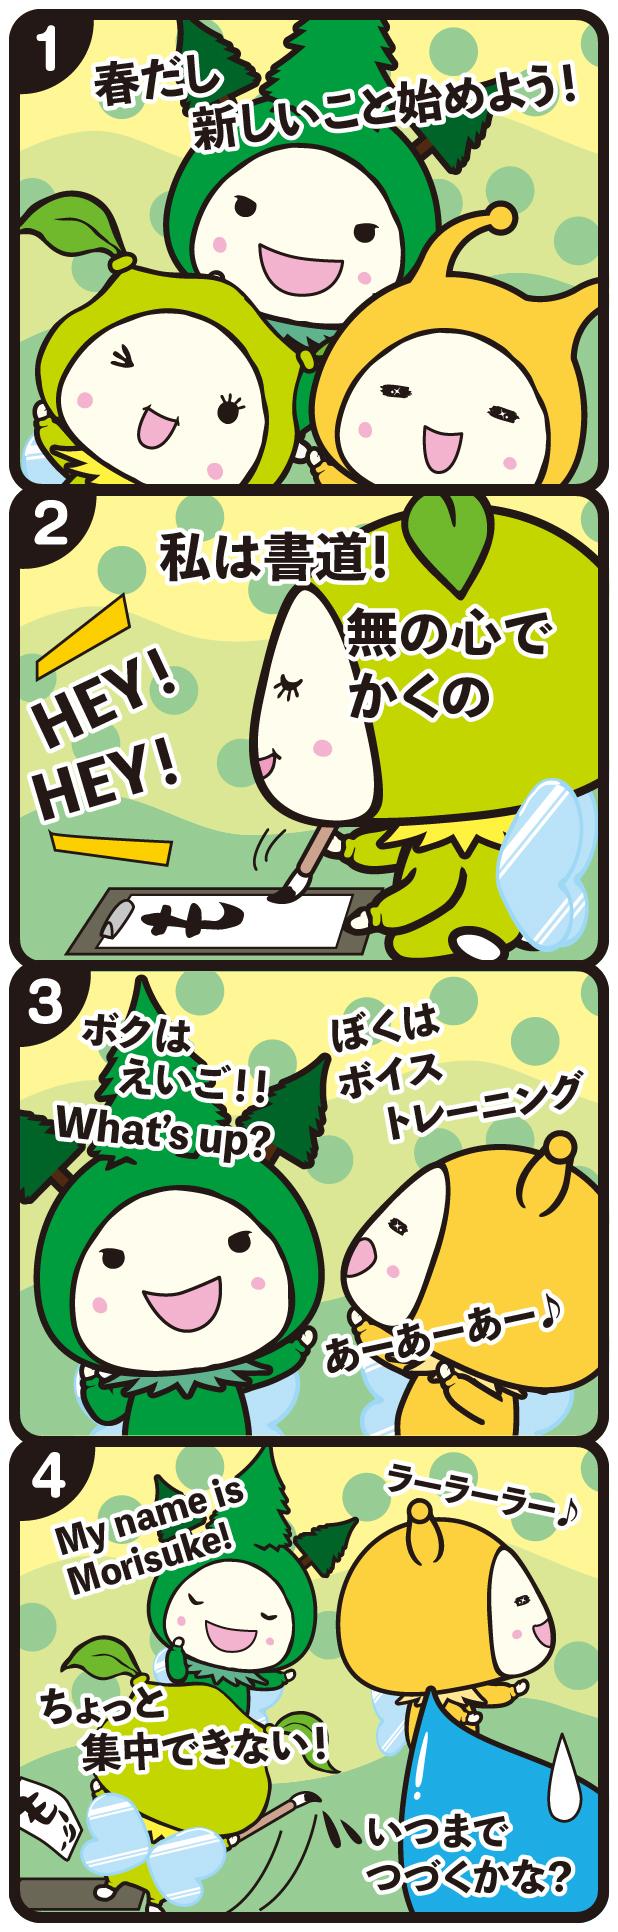 comic_224